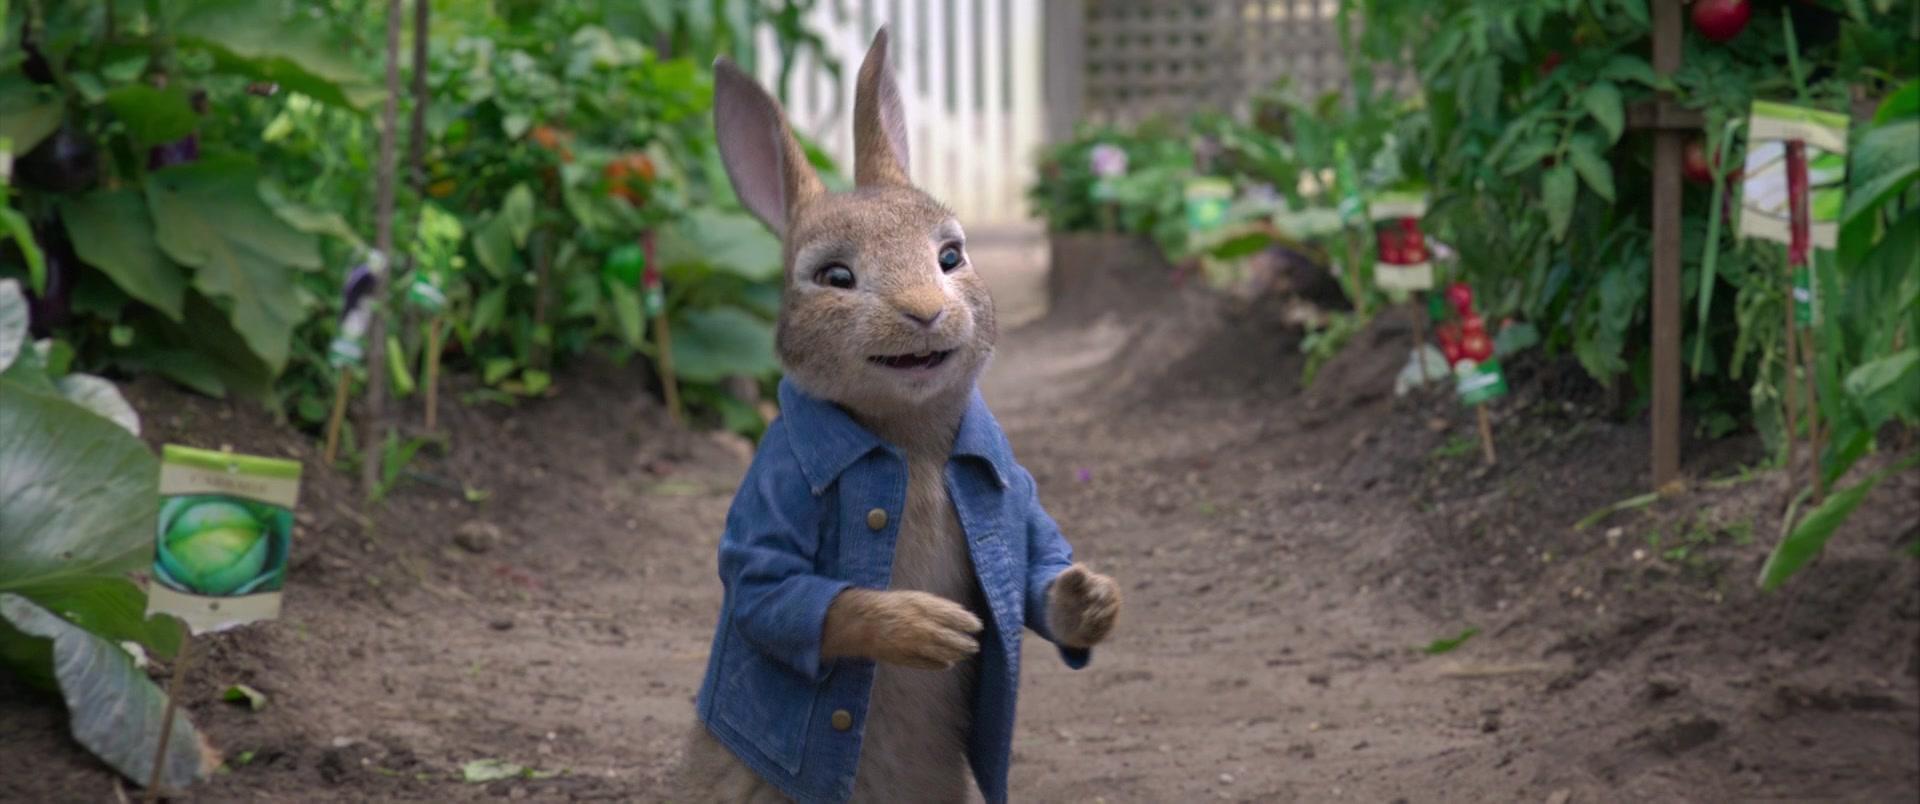 Peter rabbit sex gallery